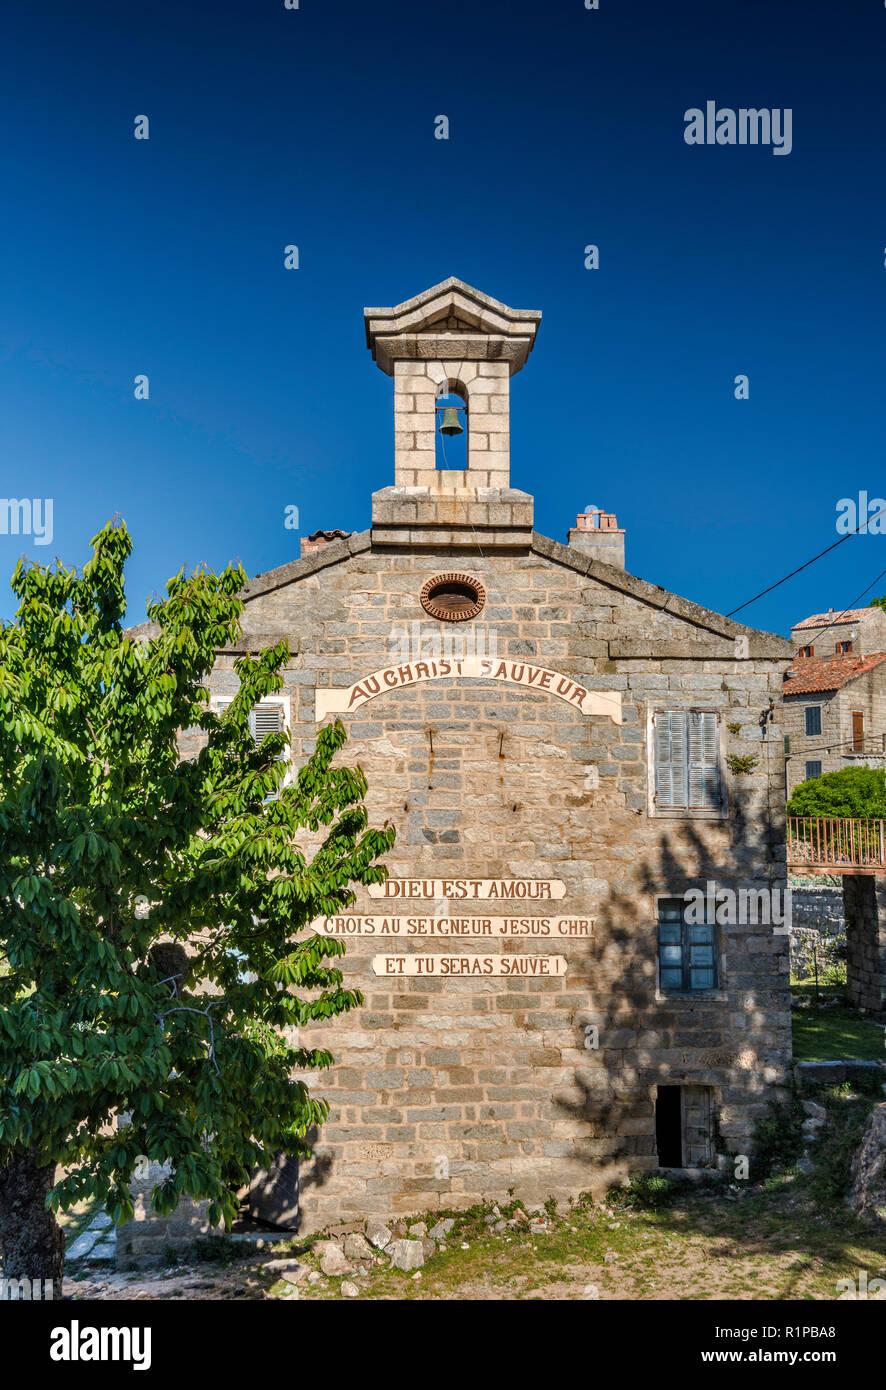 Protestant church, 1905, now closed, in Aullene, Alta Rocca microregion, Corse-du-Sud, Corsica, France - Stock Image